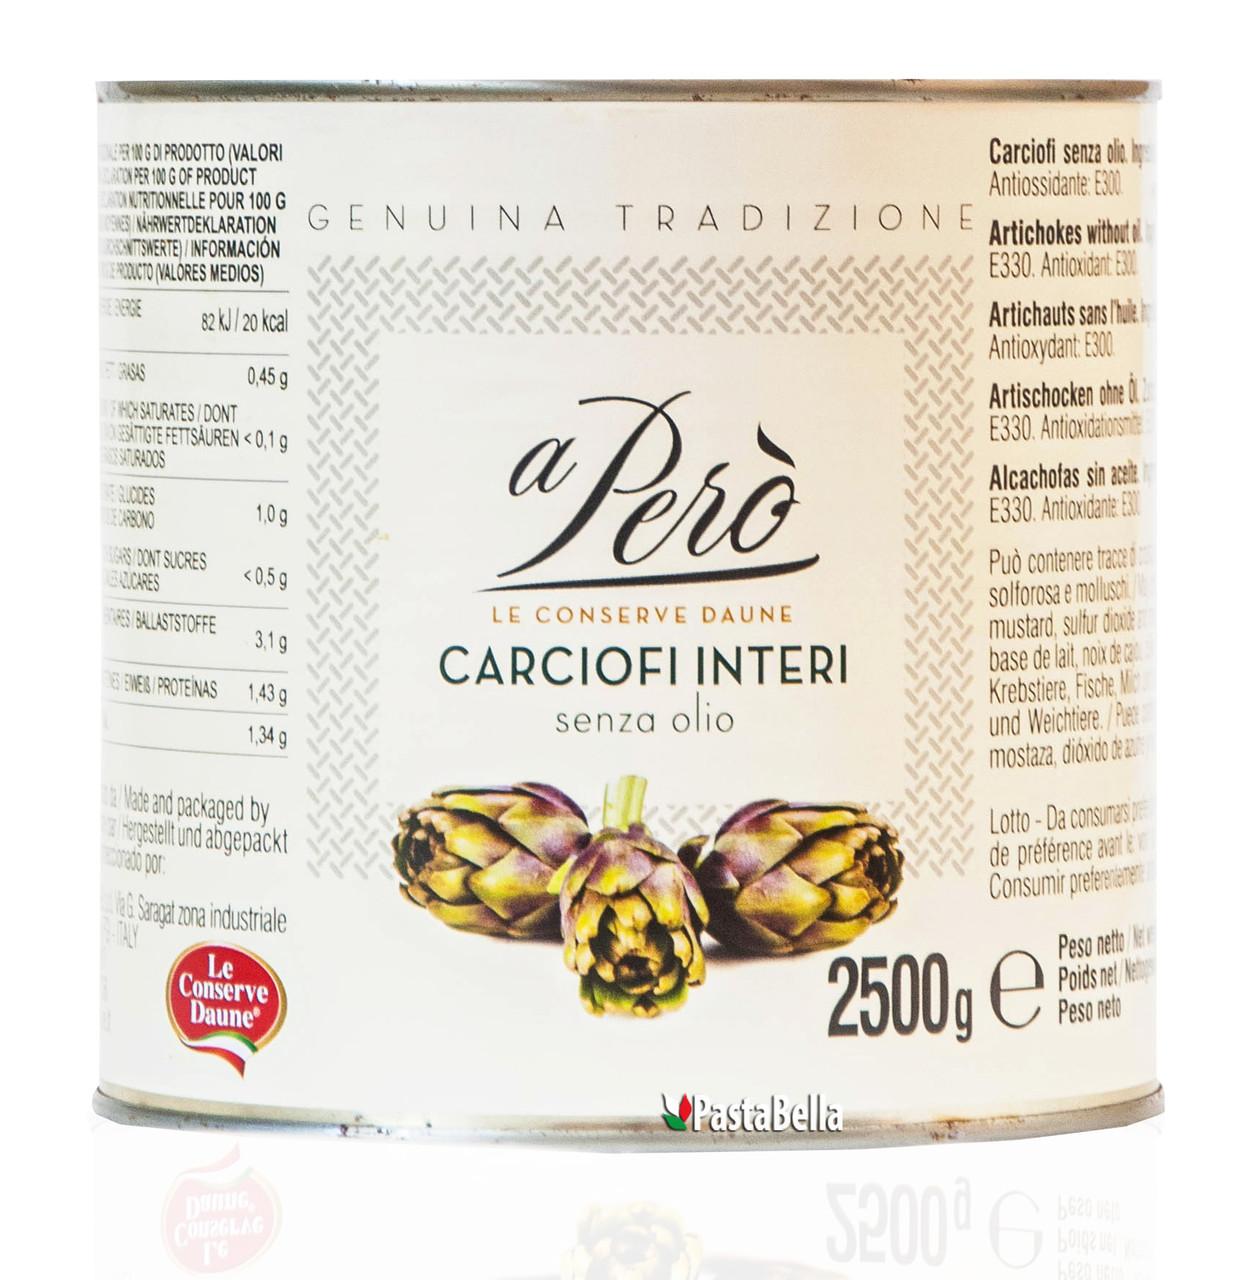 """Итальянский артишок целый натуральный, без масла - """"Carciofi Interi"""" 2500g """"aPerò"""" 2650мл"""